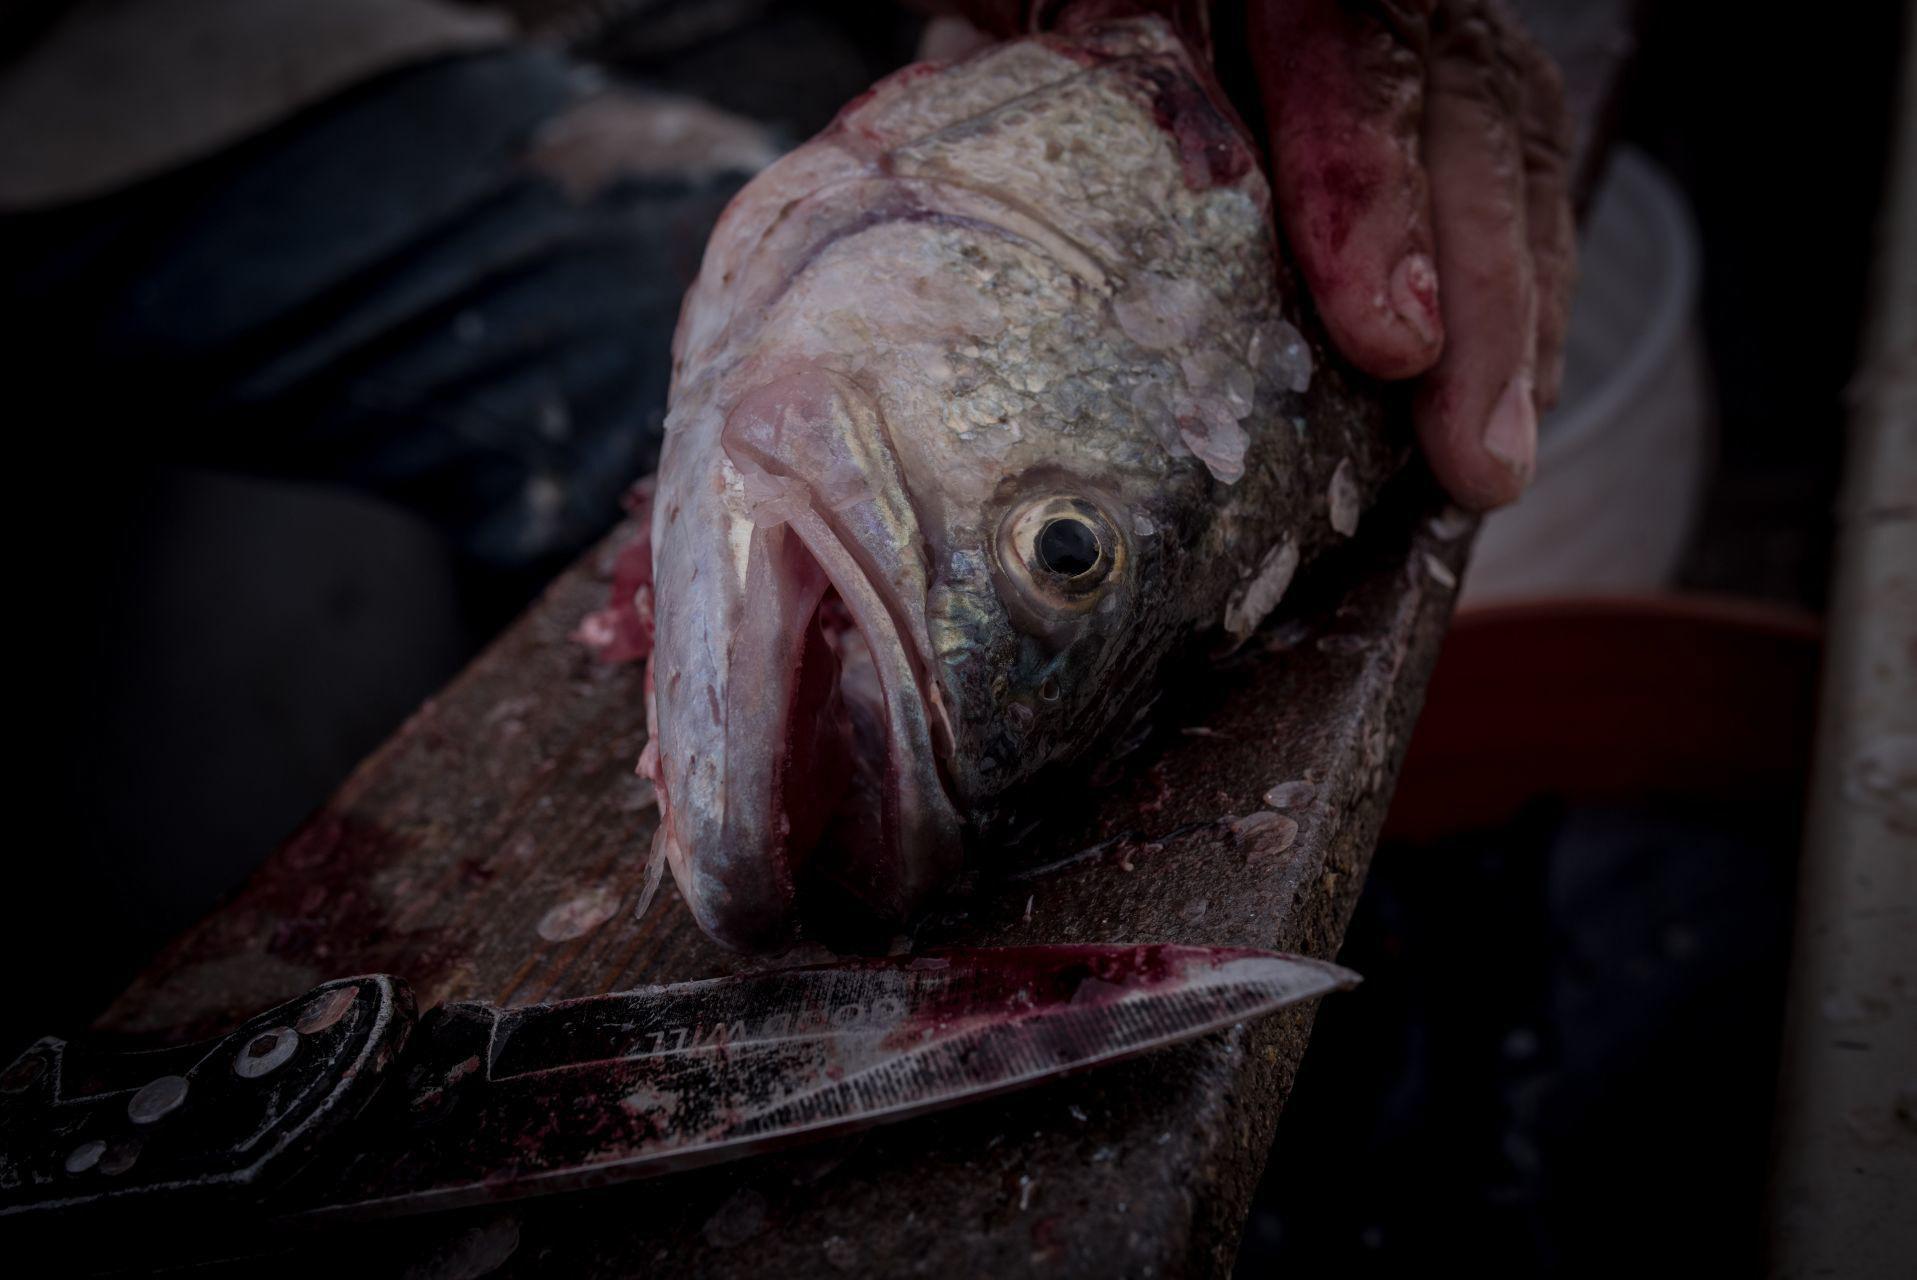 Pedro quita la piel a un pescado después de una jornada de pesca. San Francisco de Conchos, Chihuahua, México. El 18 de septiembre de 2020.